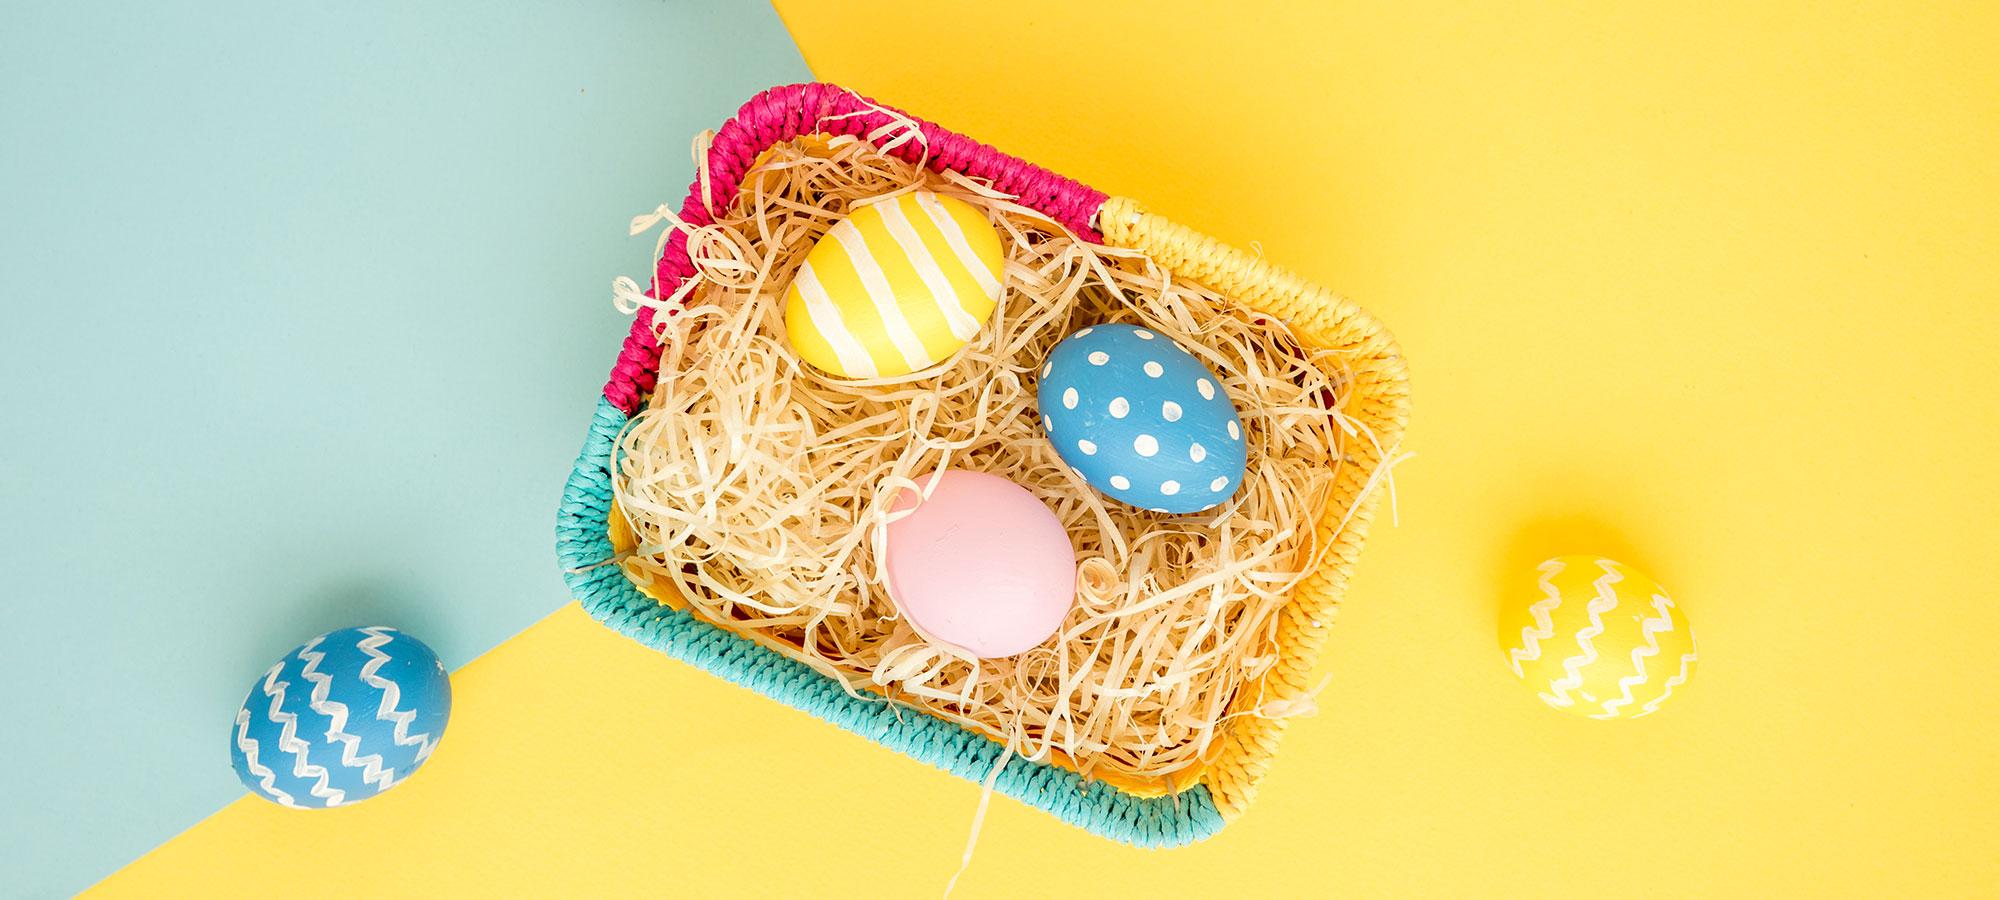 Easter_Web-Banner.jpg